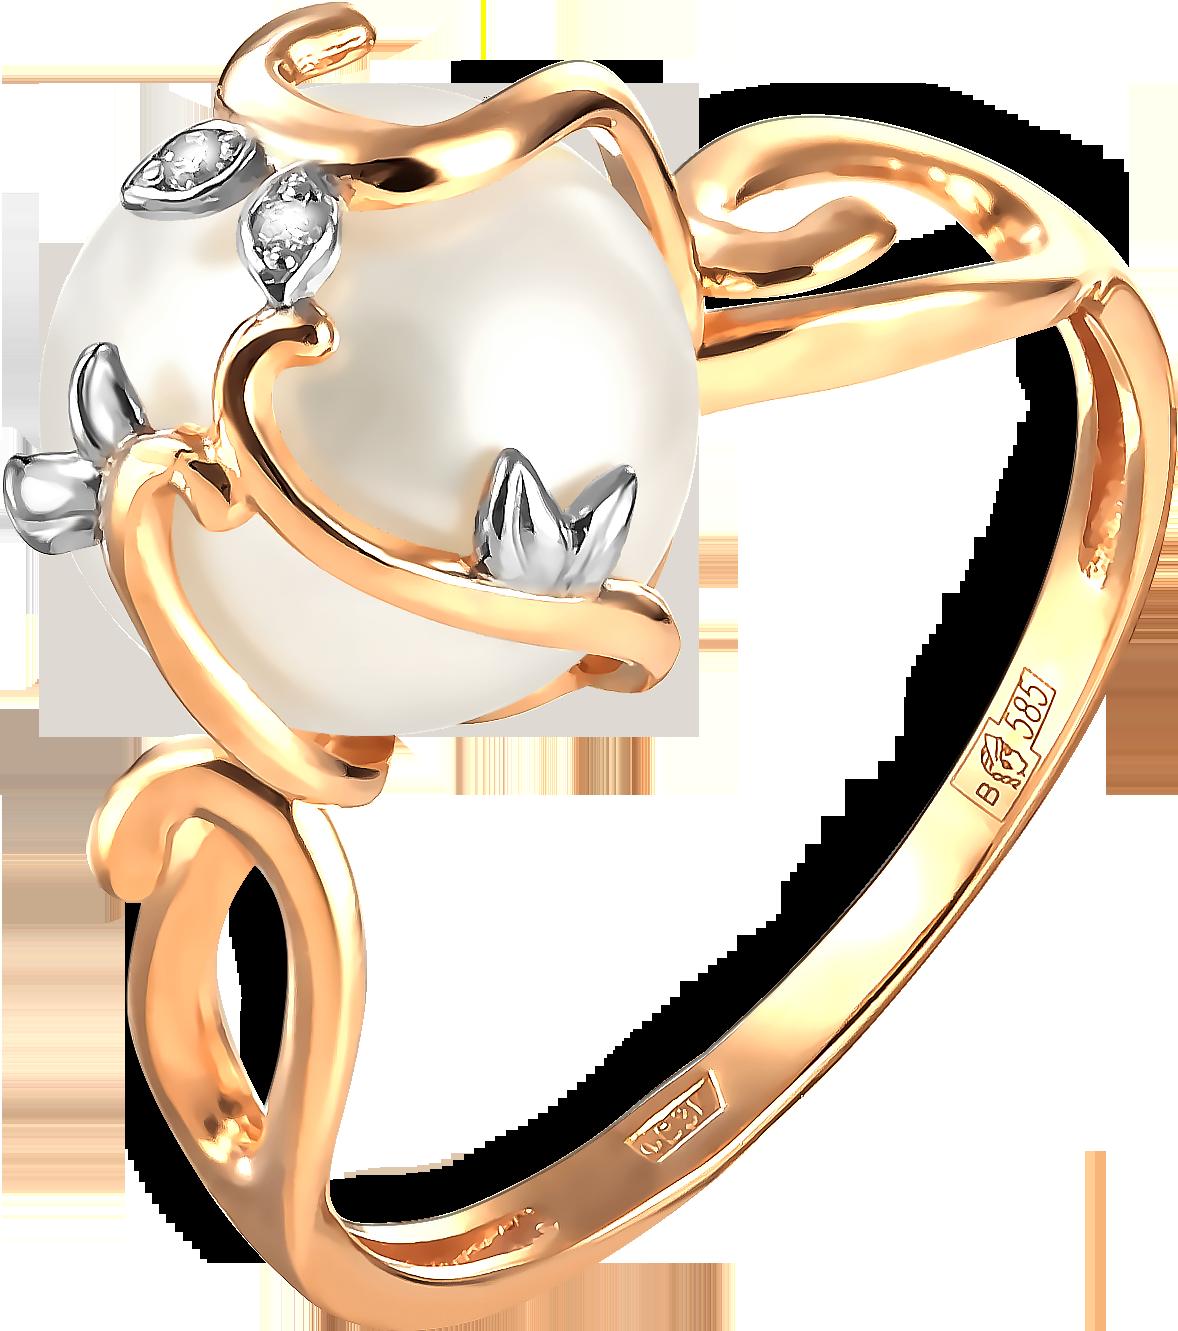 Кольцо женское Примаэксклюзив 190-1-1018Р р.17.5